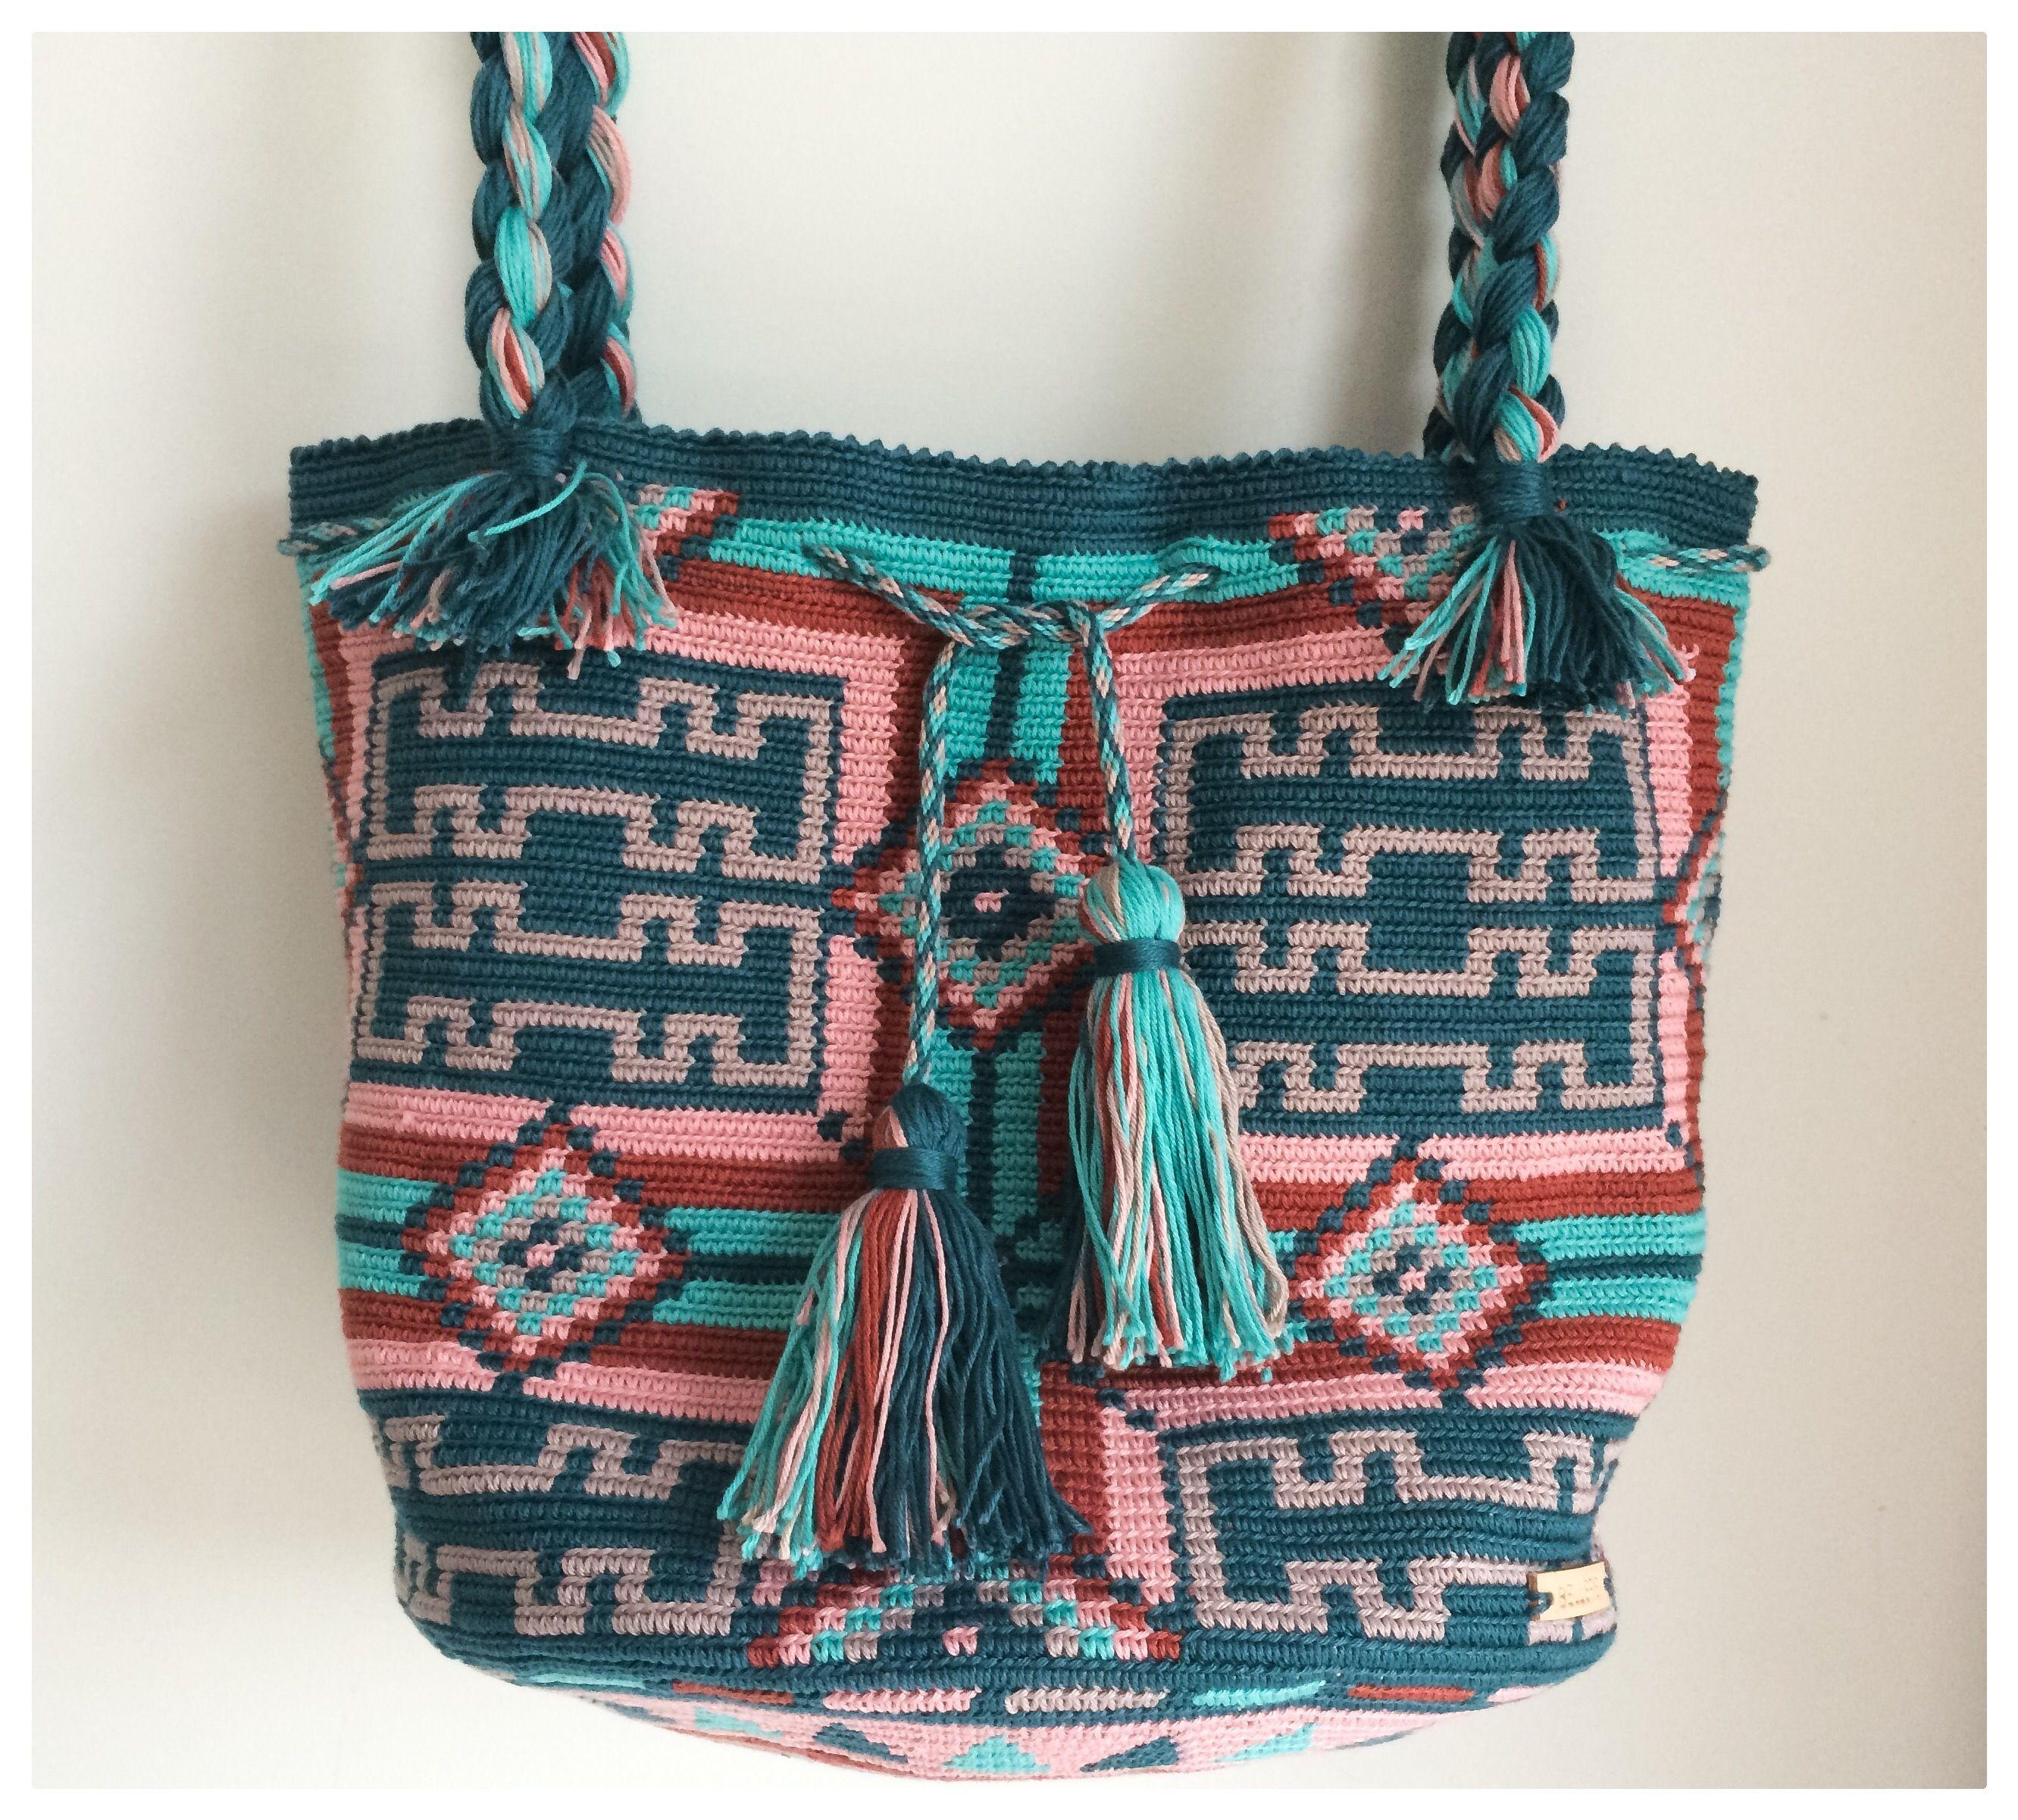 картинки по запросу Mochila Tas Haken Patroon Gratis Diy сумки